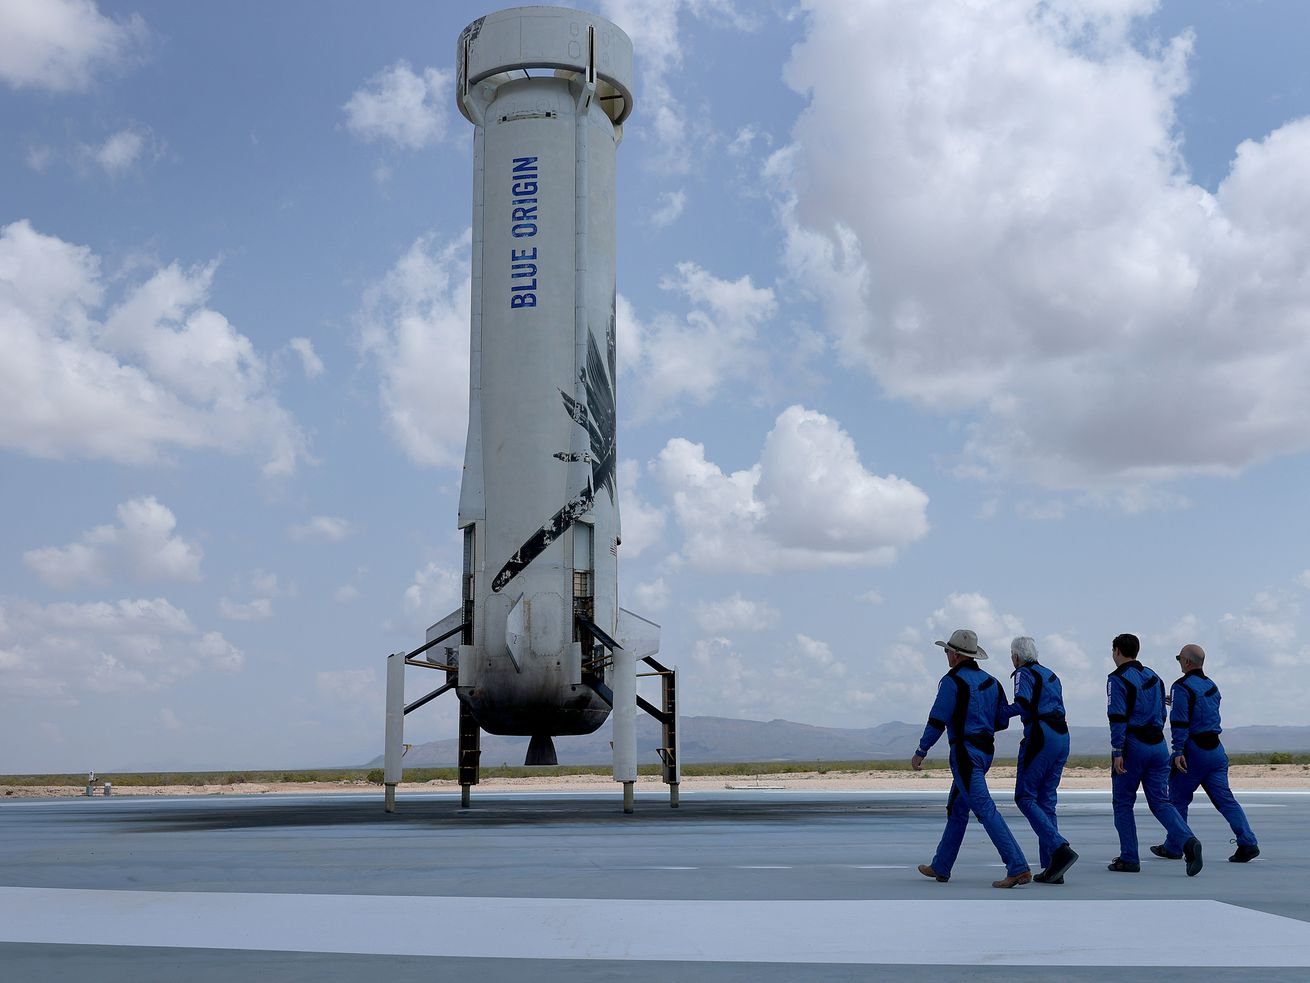 Hoe slecht is ruimtetoerisme voor het milieu? En andere vragen over ruimtevaart, beantwoord.